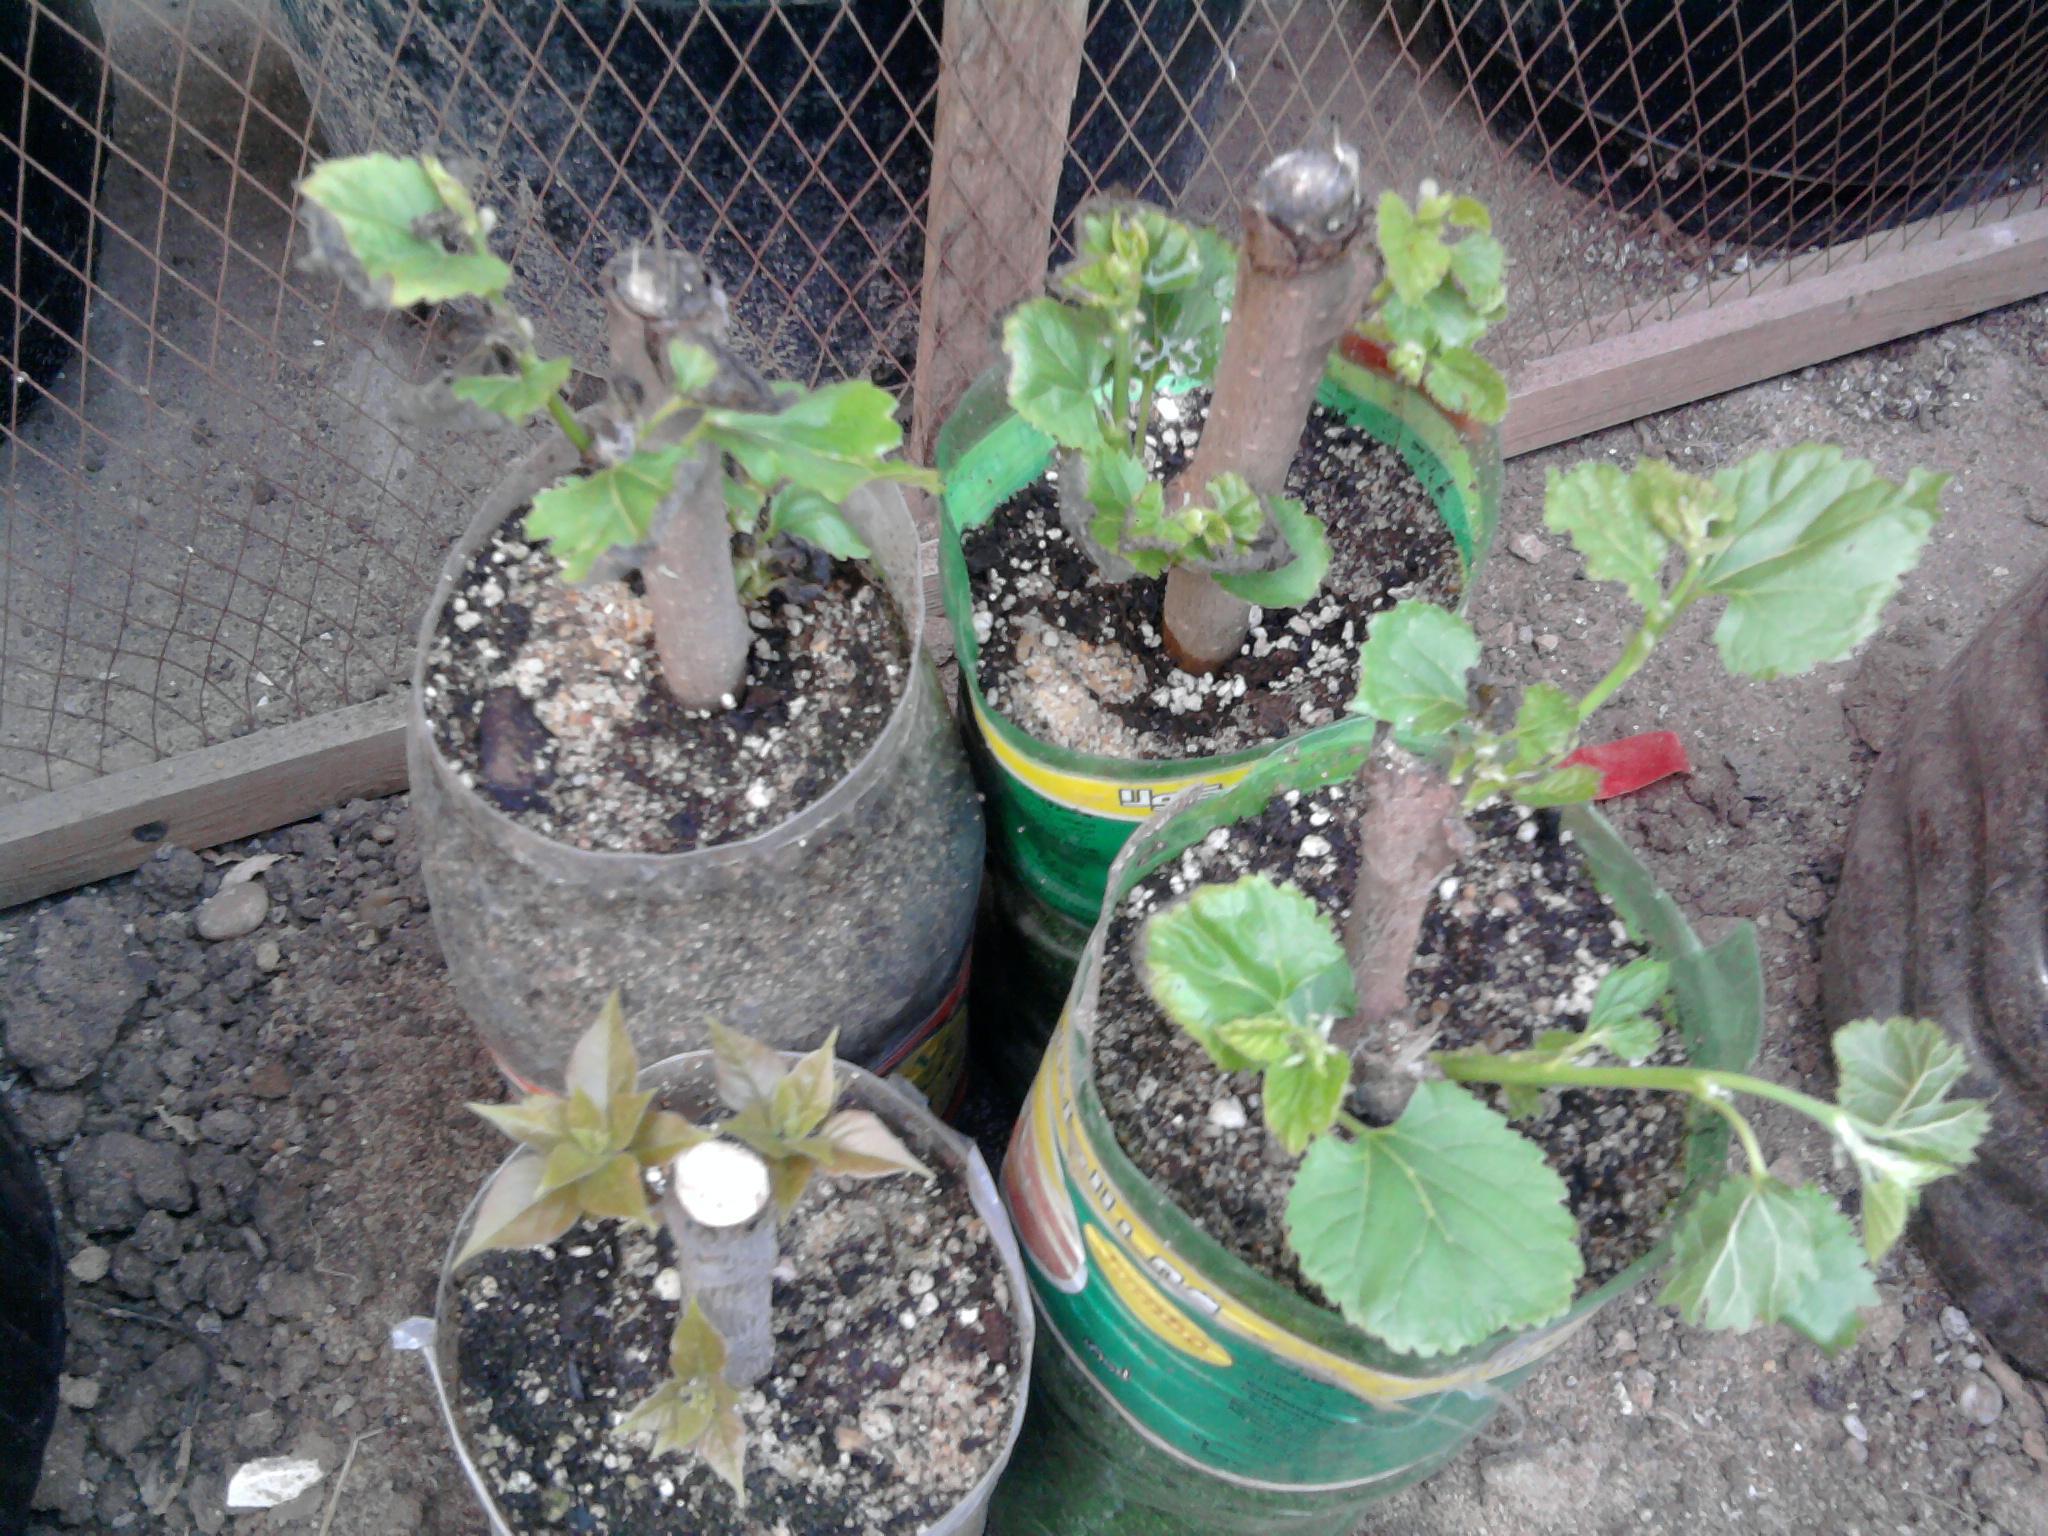 زراعة التوت والجهنمية والفيكس نيتدا 333692512.jpg